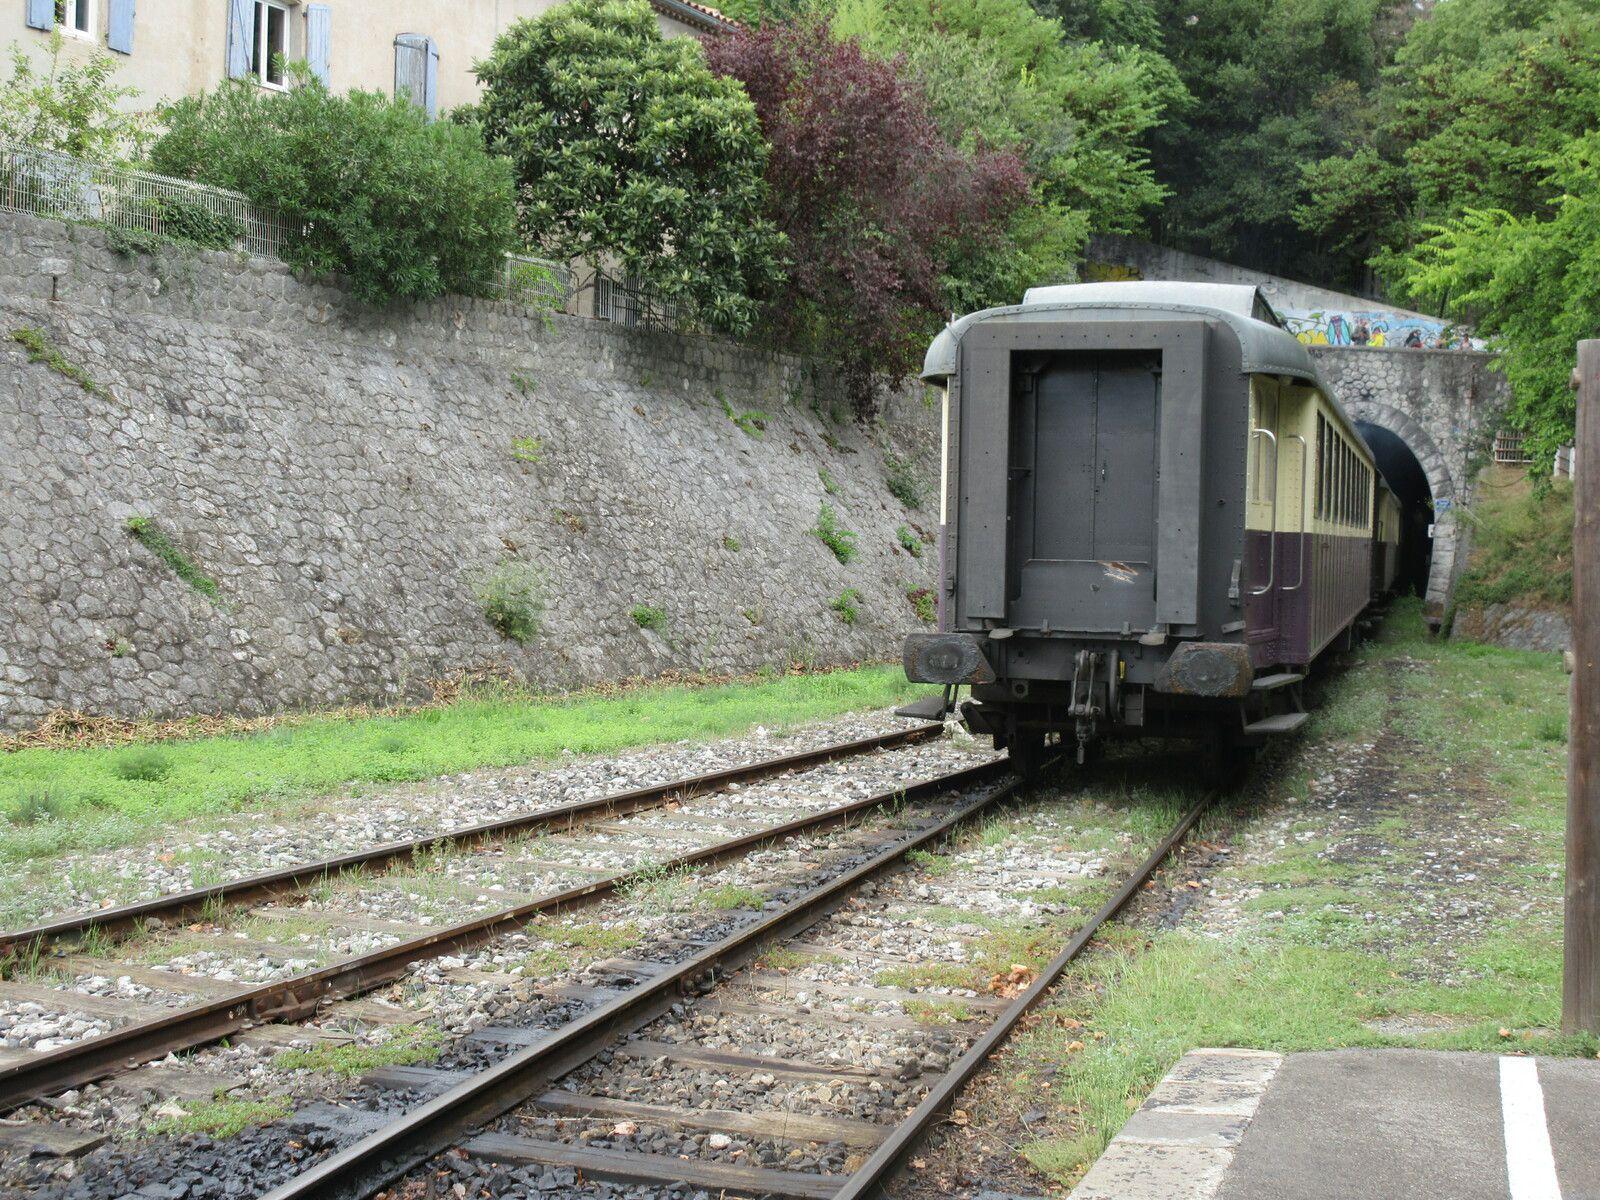 les 18 et 19 septembre 2021 avait lieu la 38ème édition des Journées européennes du patrimoine. Le patrimoine ferroviaire, témoin de l'histoire du rail dans notre pays était particulièrement mis à l'honneur